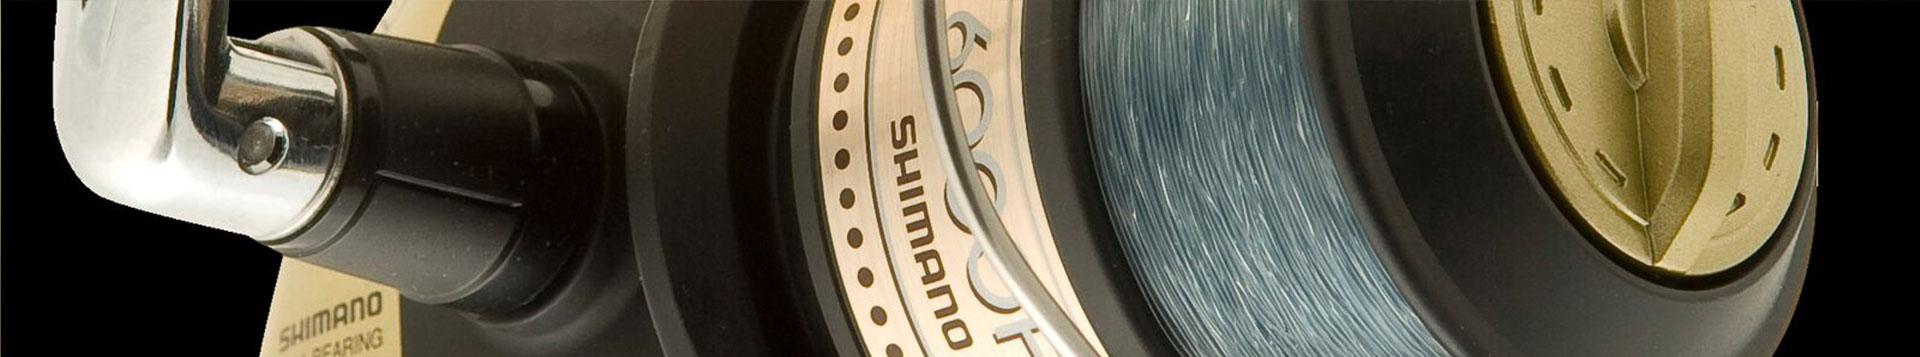 Shimano Hyperloop Fishing Reels